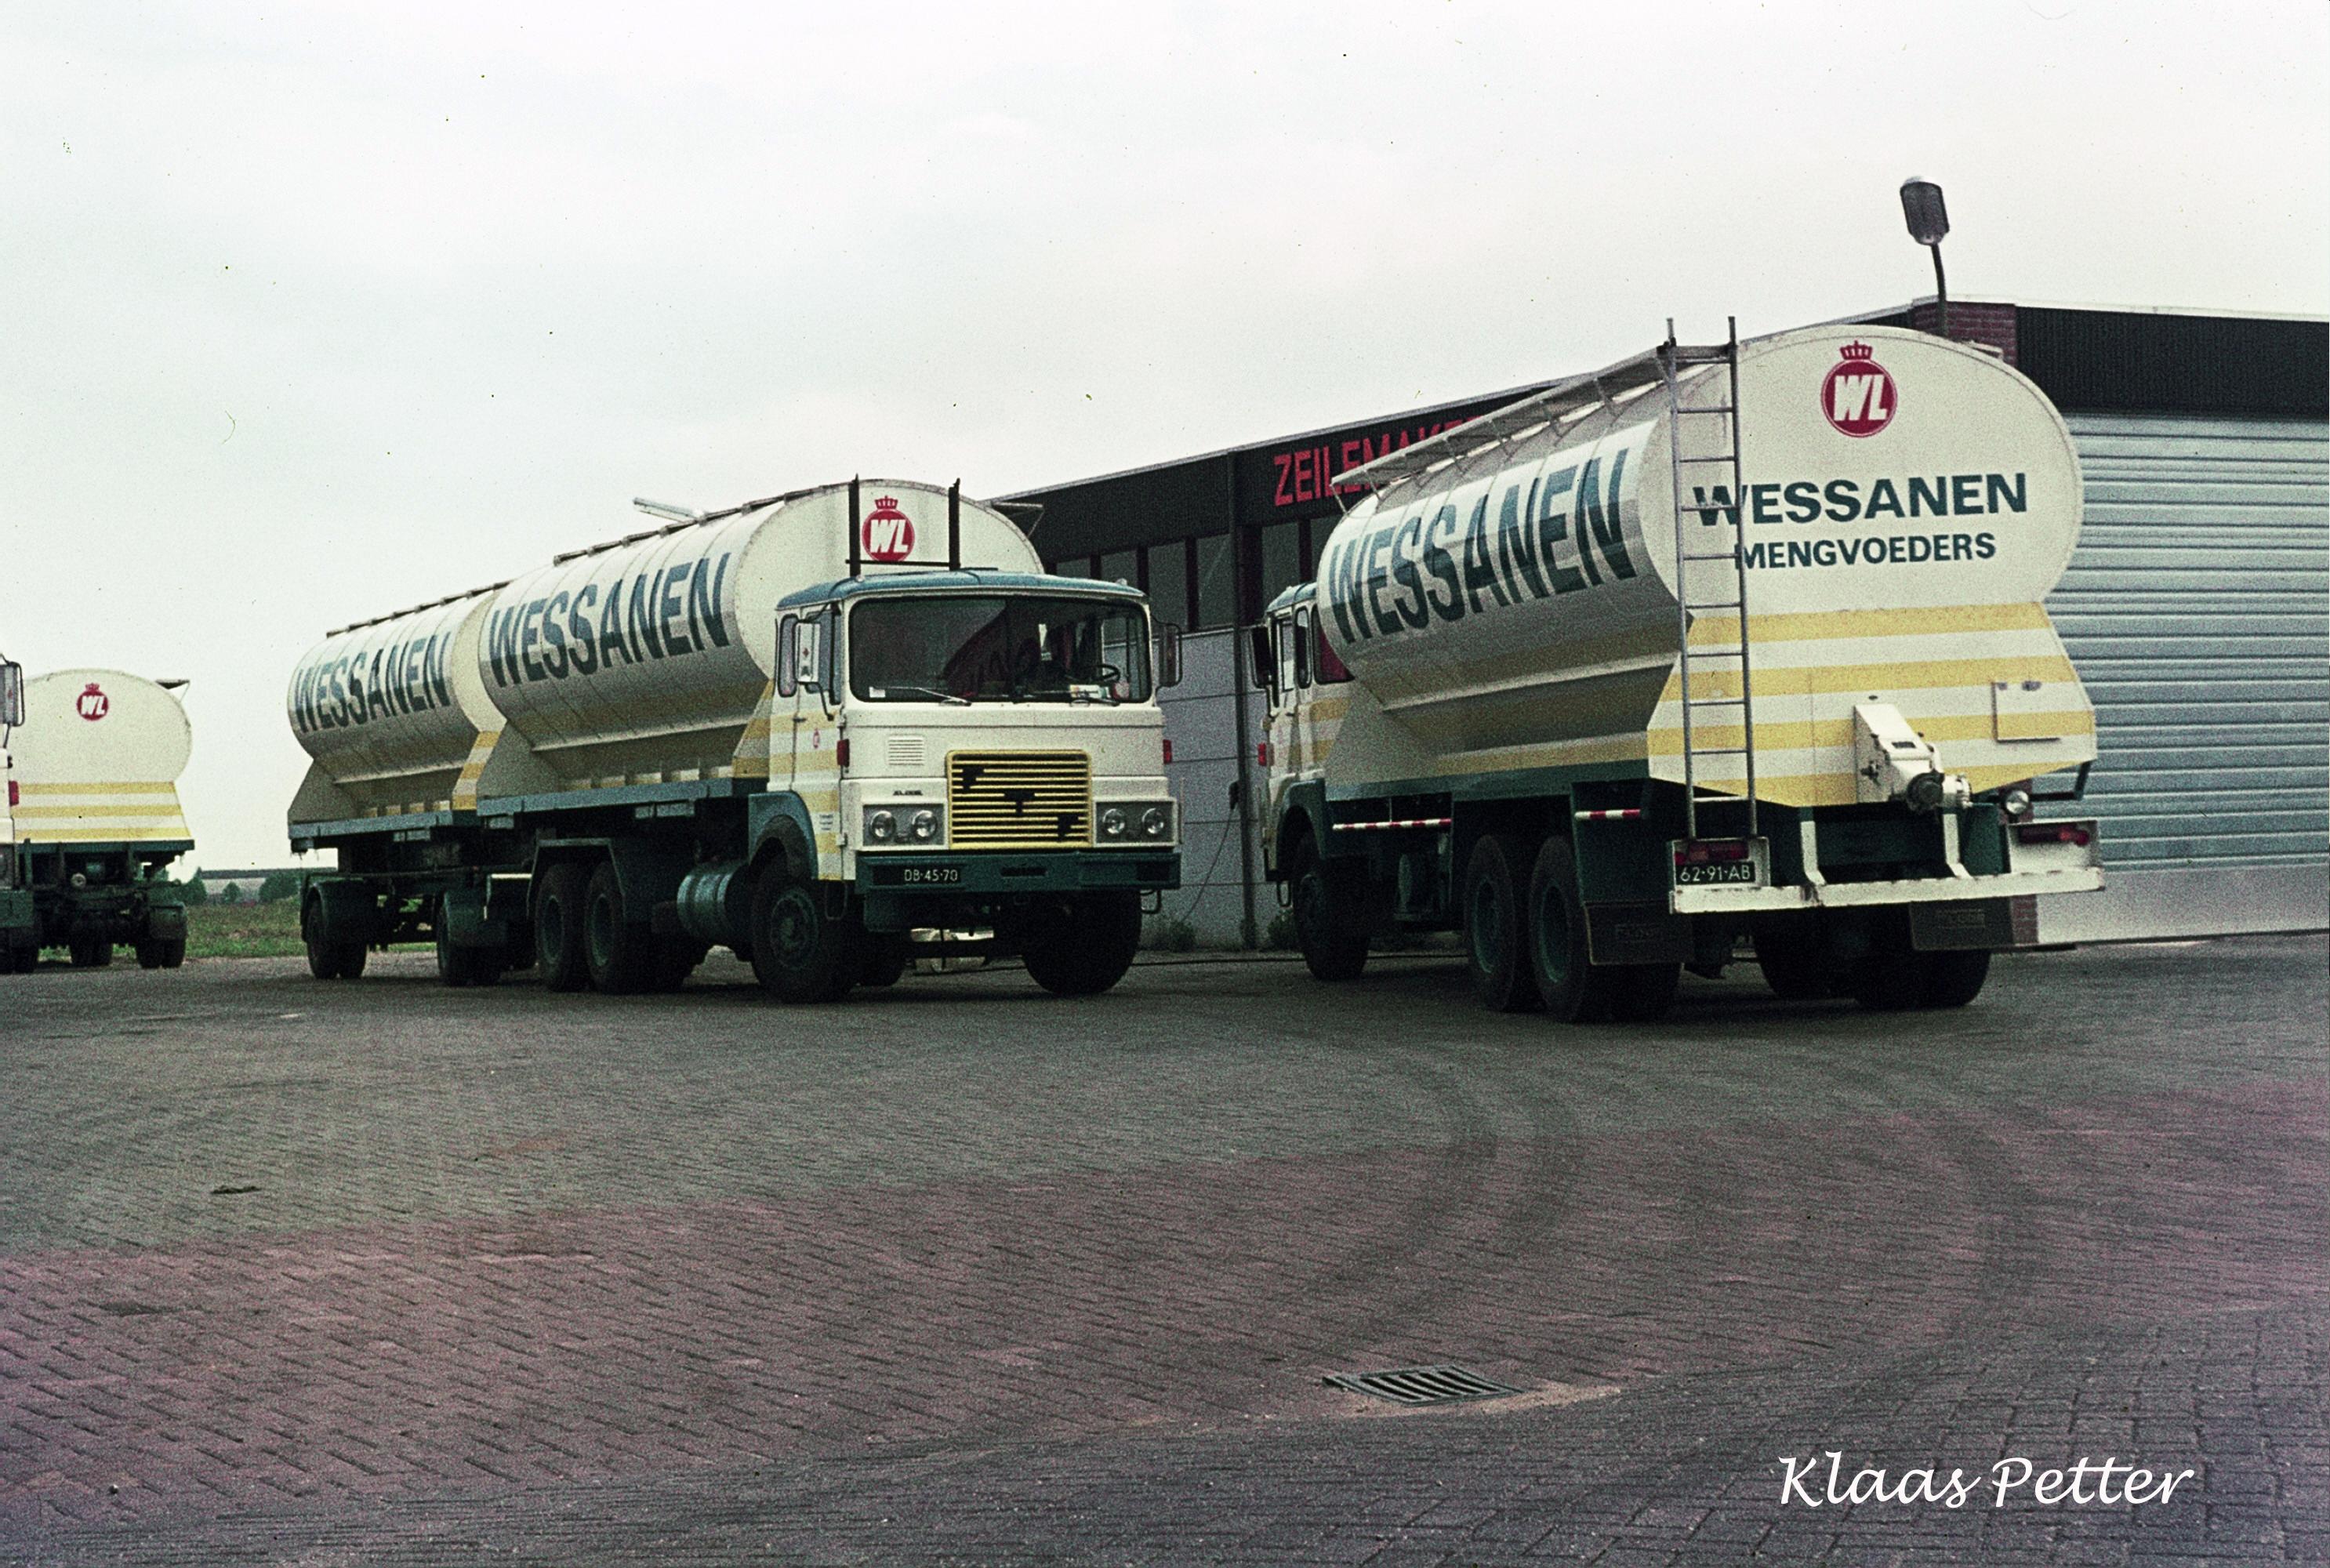 FTF---Truck-met-aanhangwagen-met-afzetbakken-daar-waren-2-combinaties-van--1975